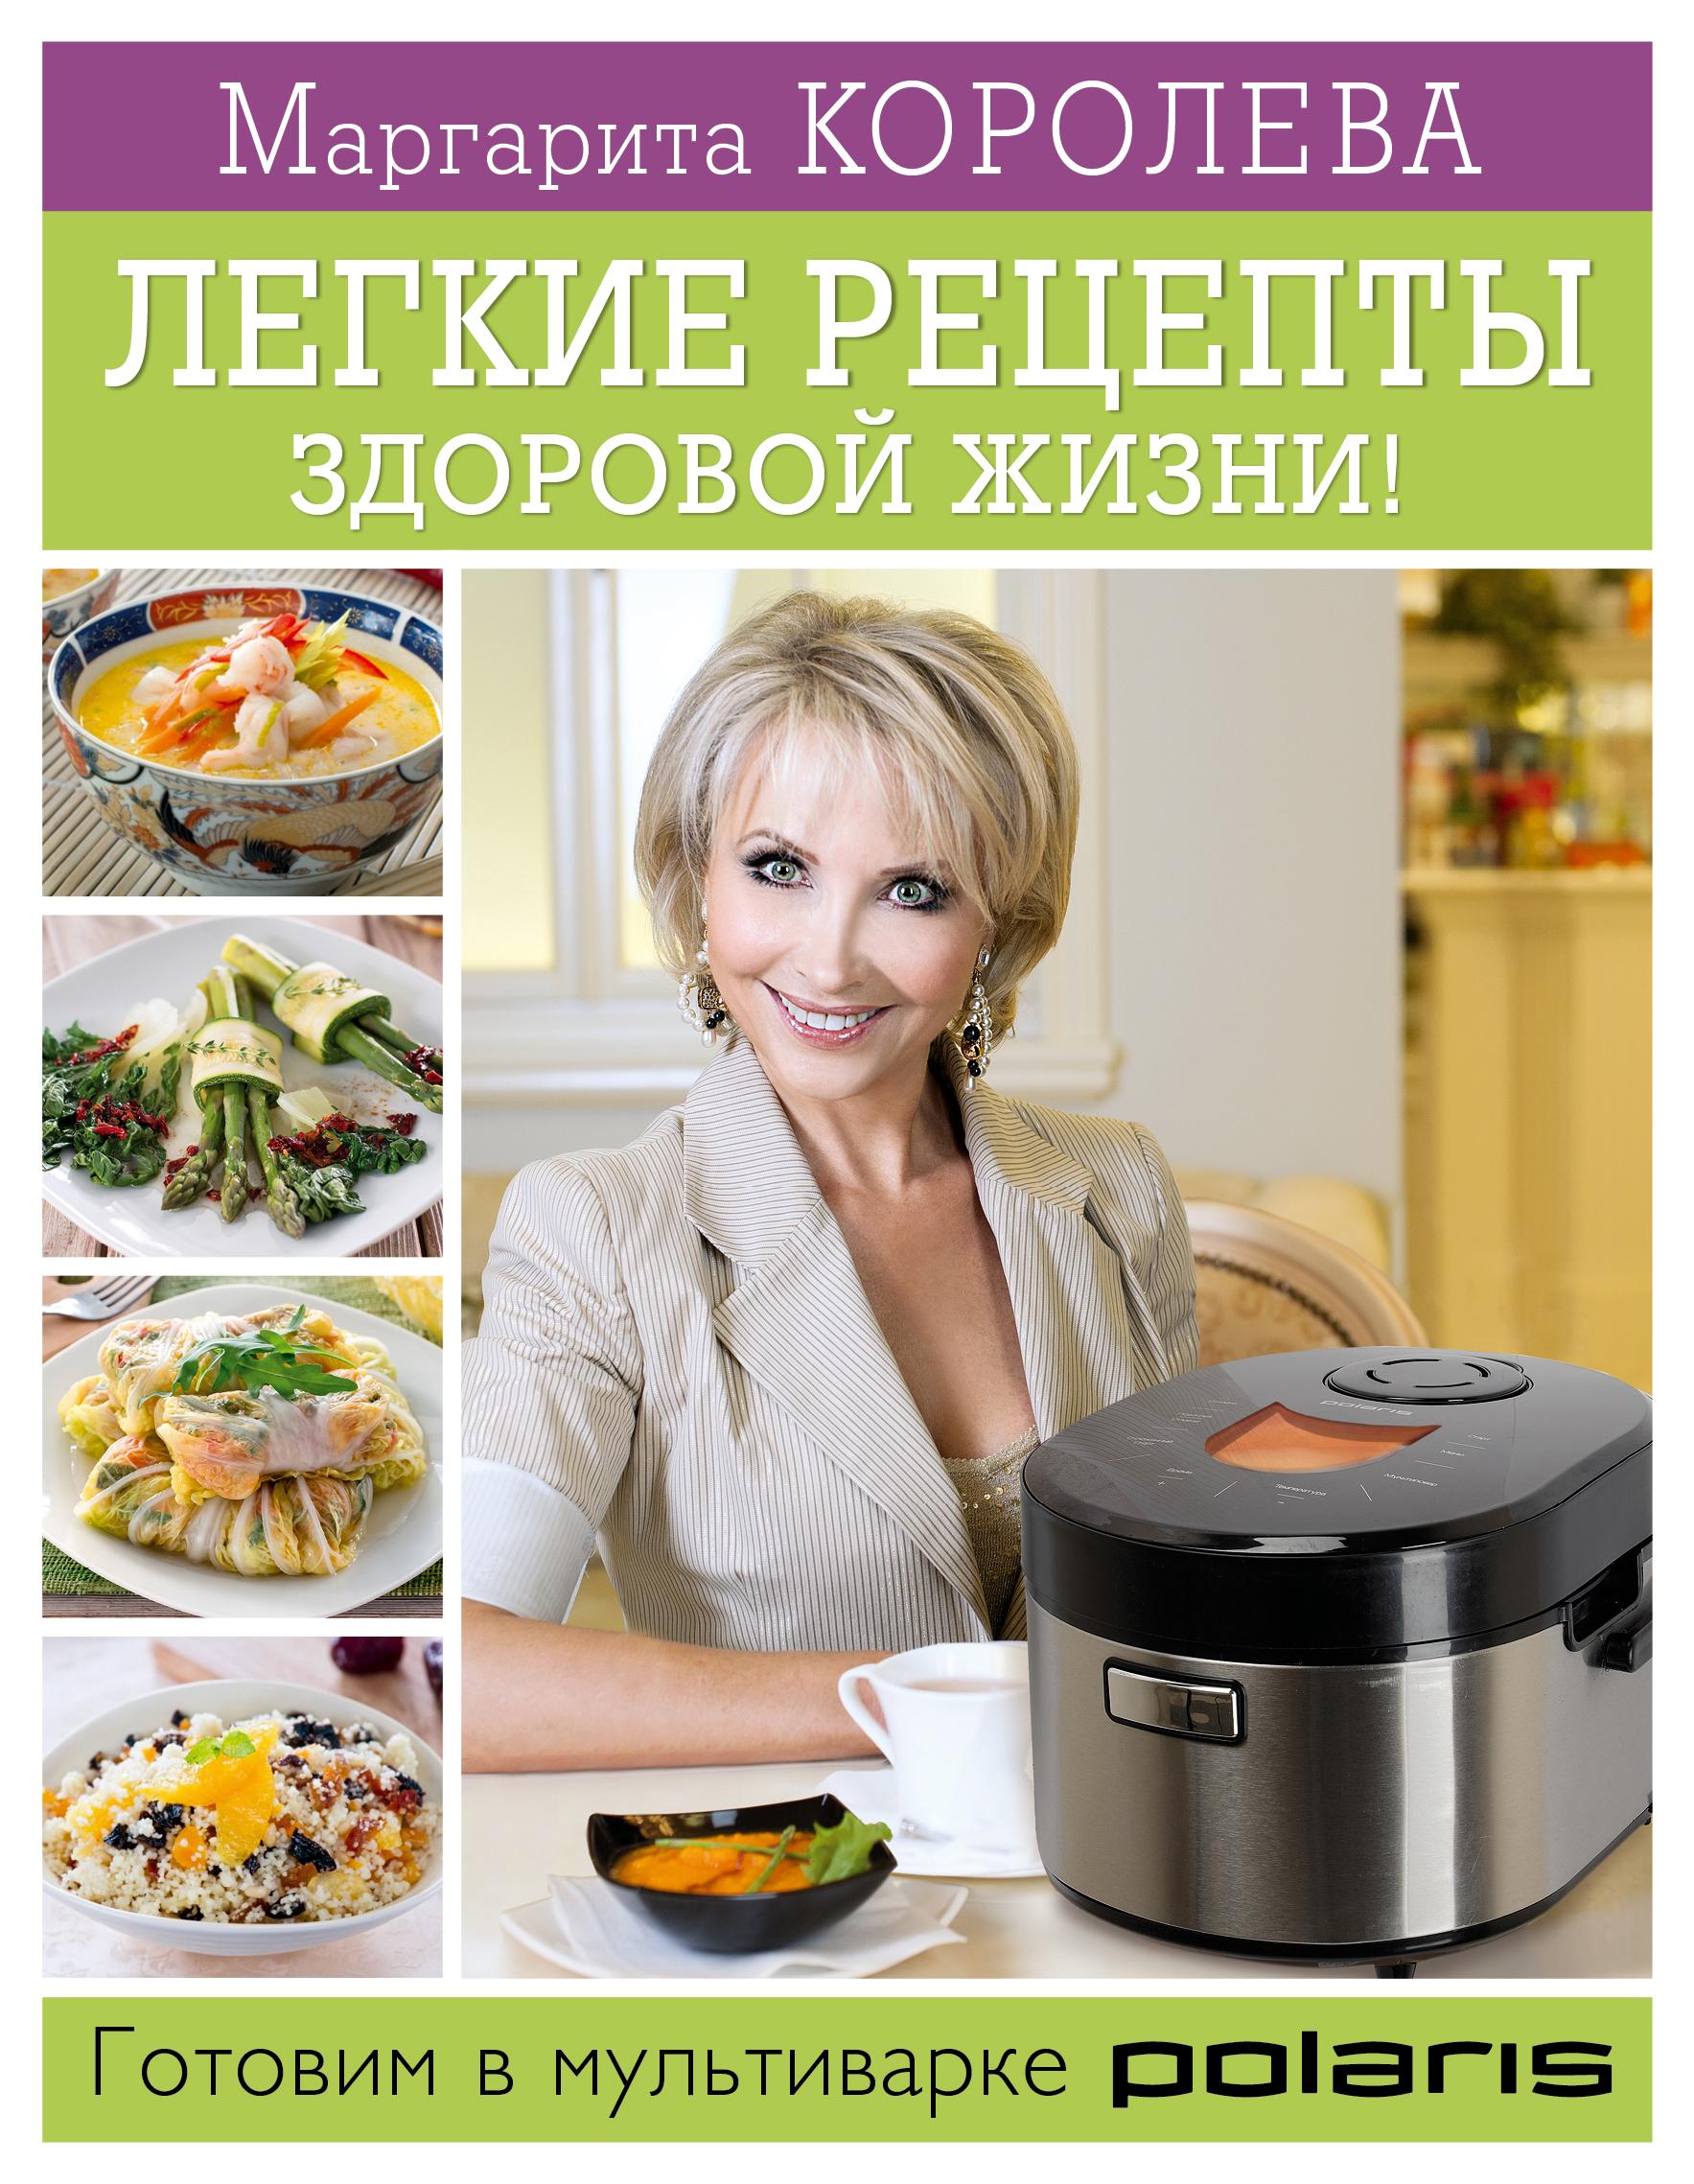 Легкие рецепты здоровой жизни! Готовим в мультиварке ( Королева М.  )